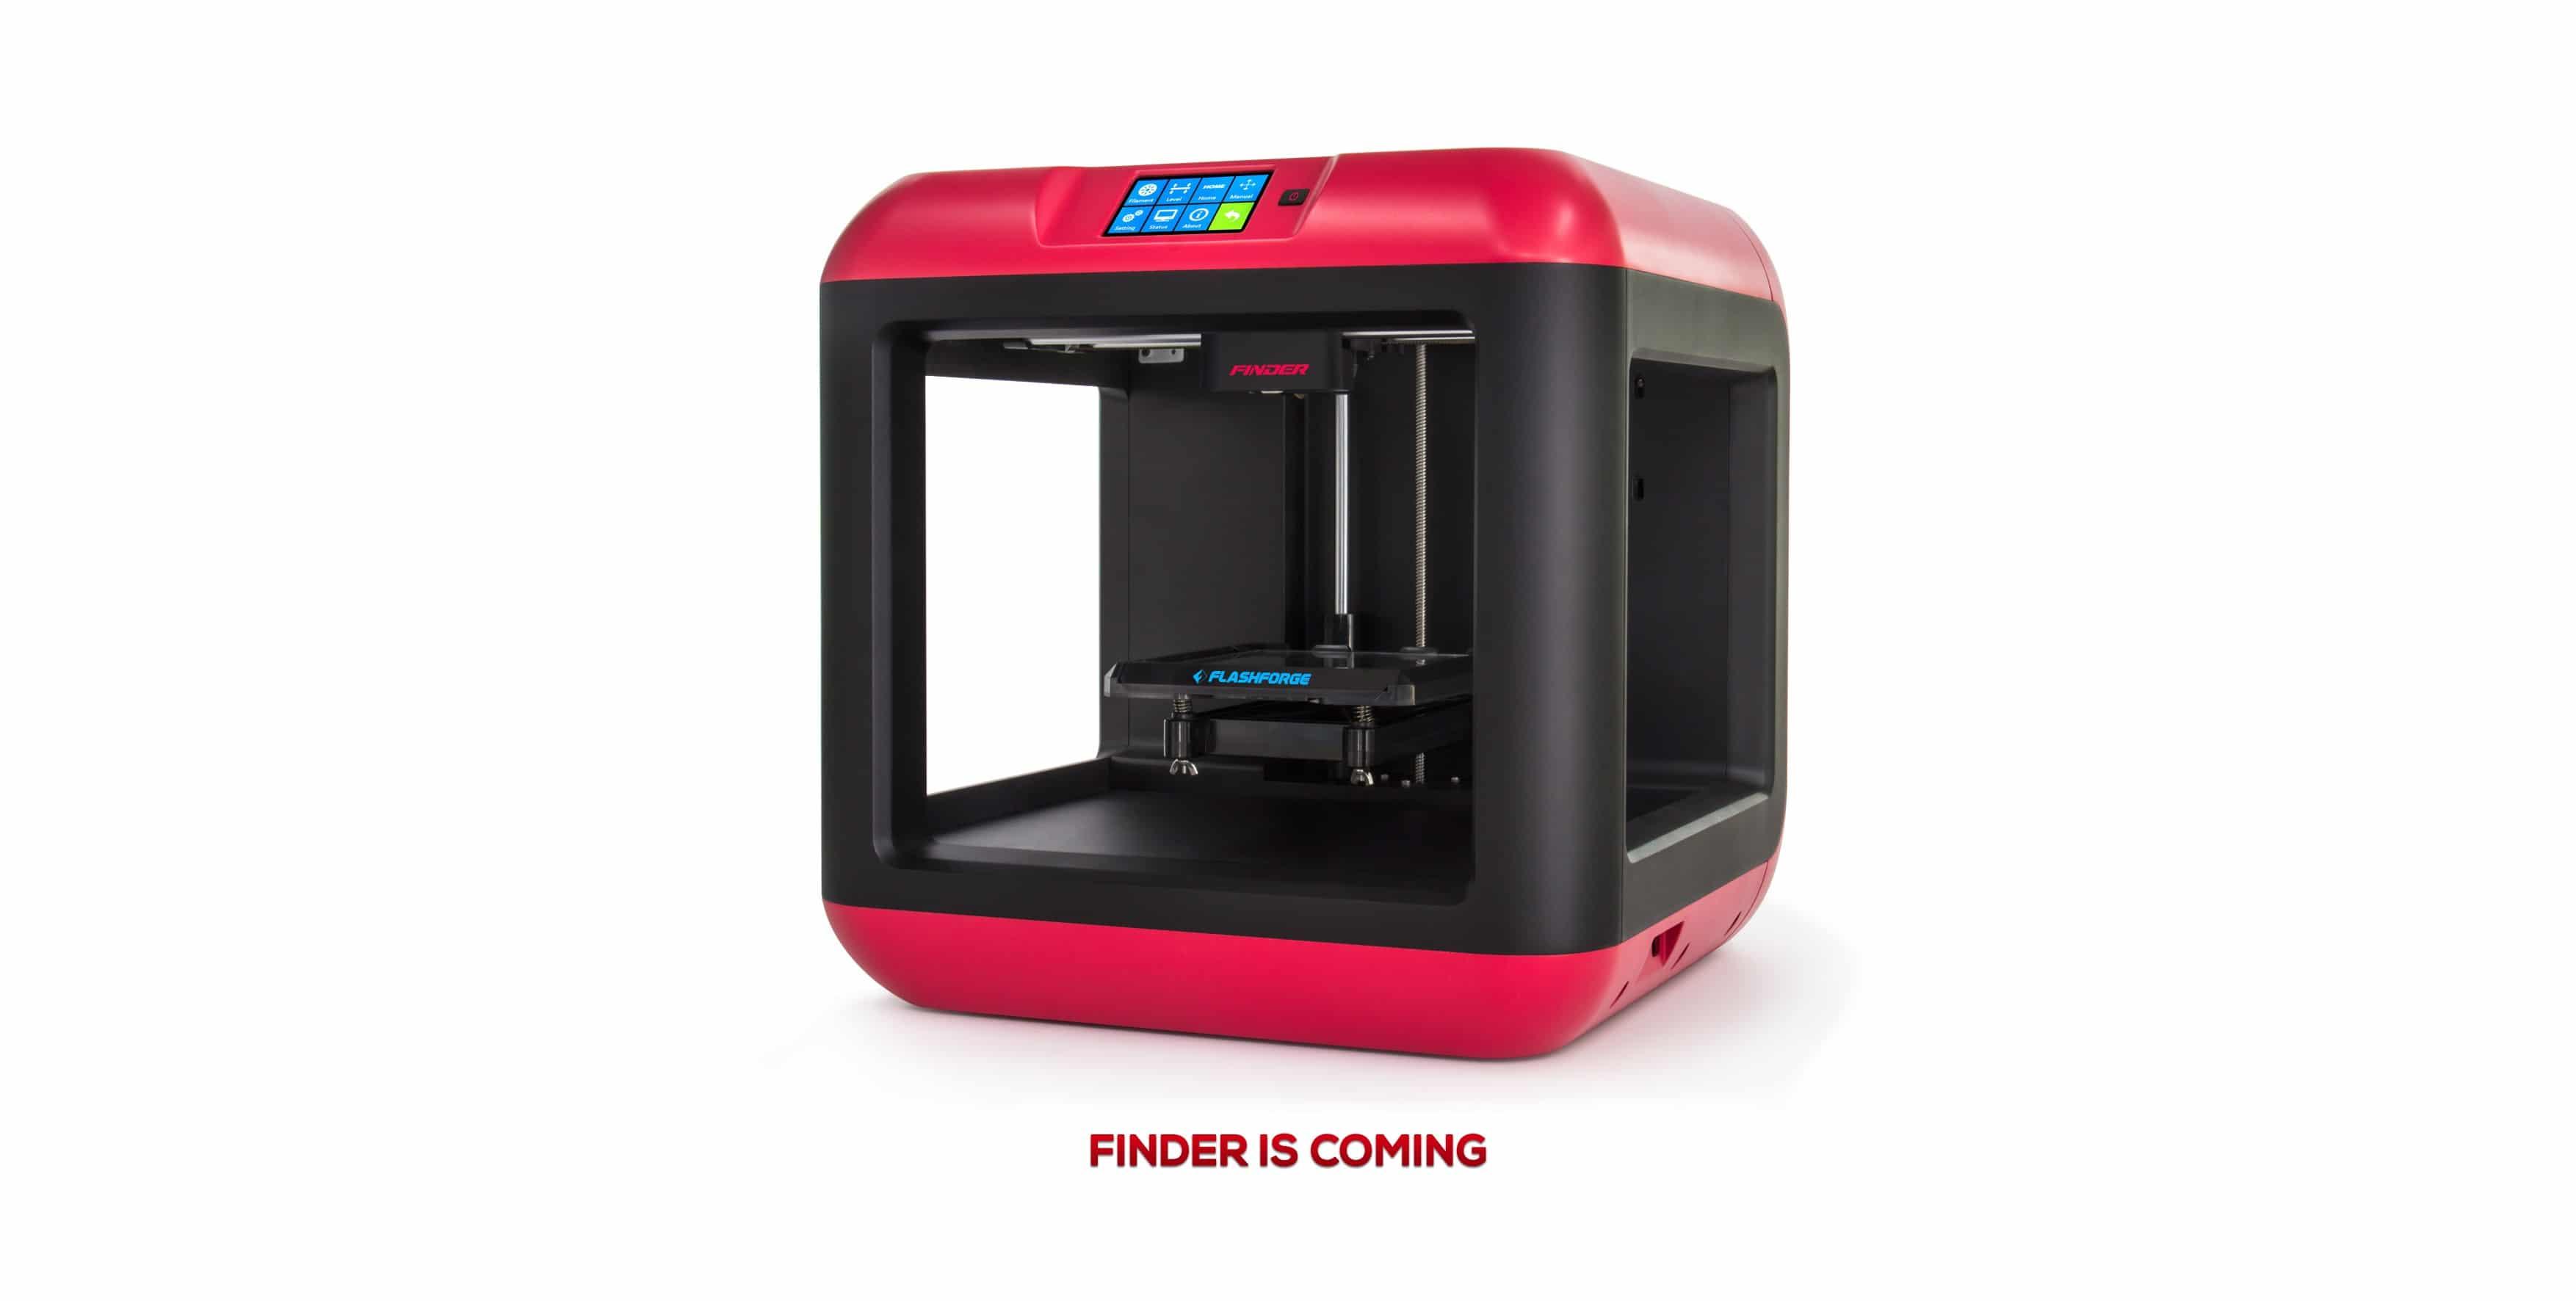 imprimante 3d comment la choisir kits imprimantes 3d. Black Bedroom Furniture Sets. Home Design Ideas